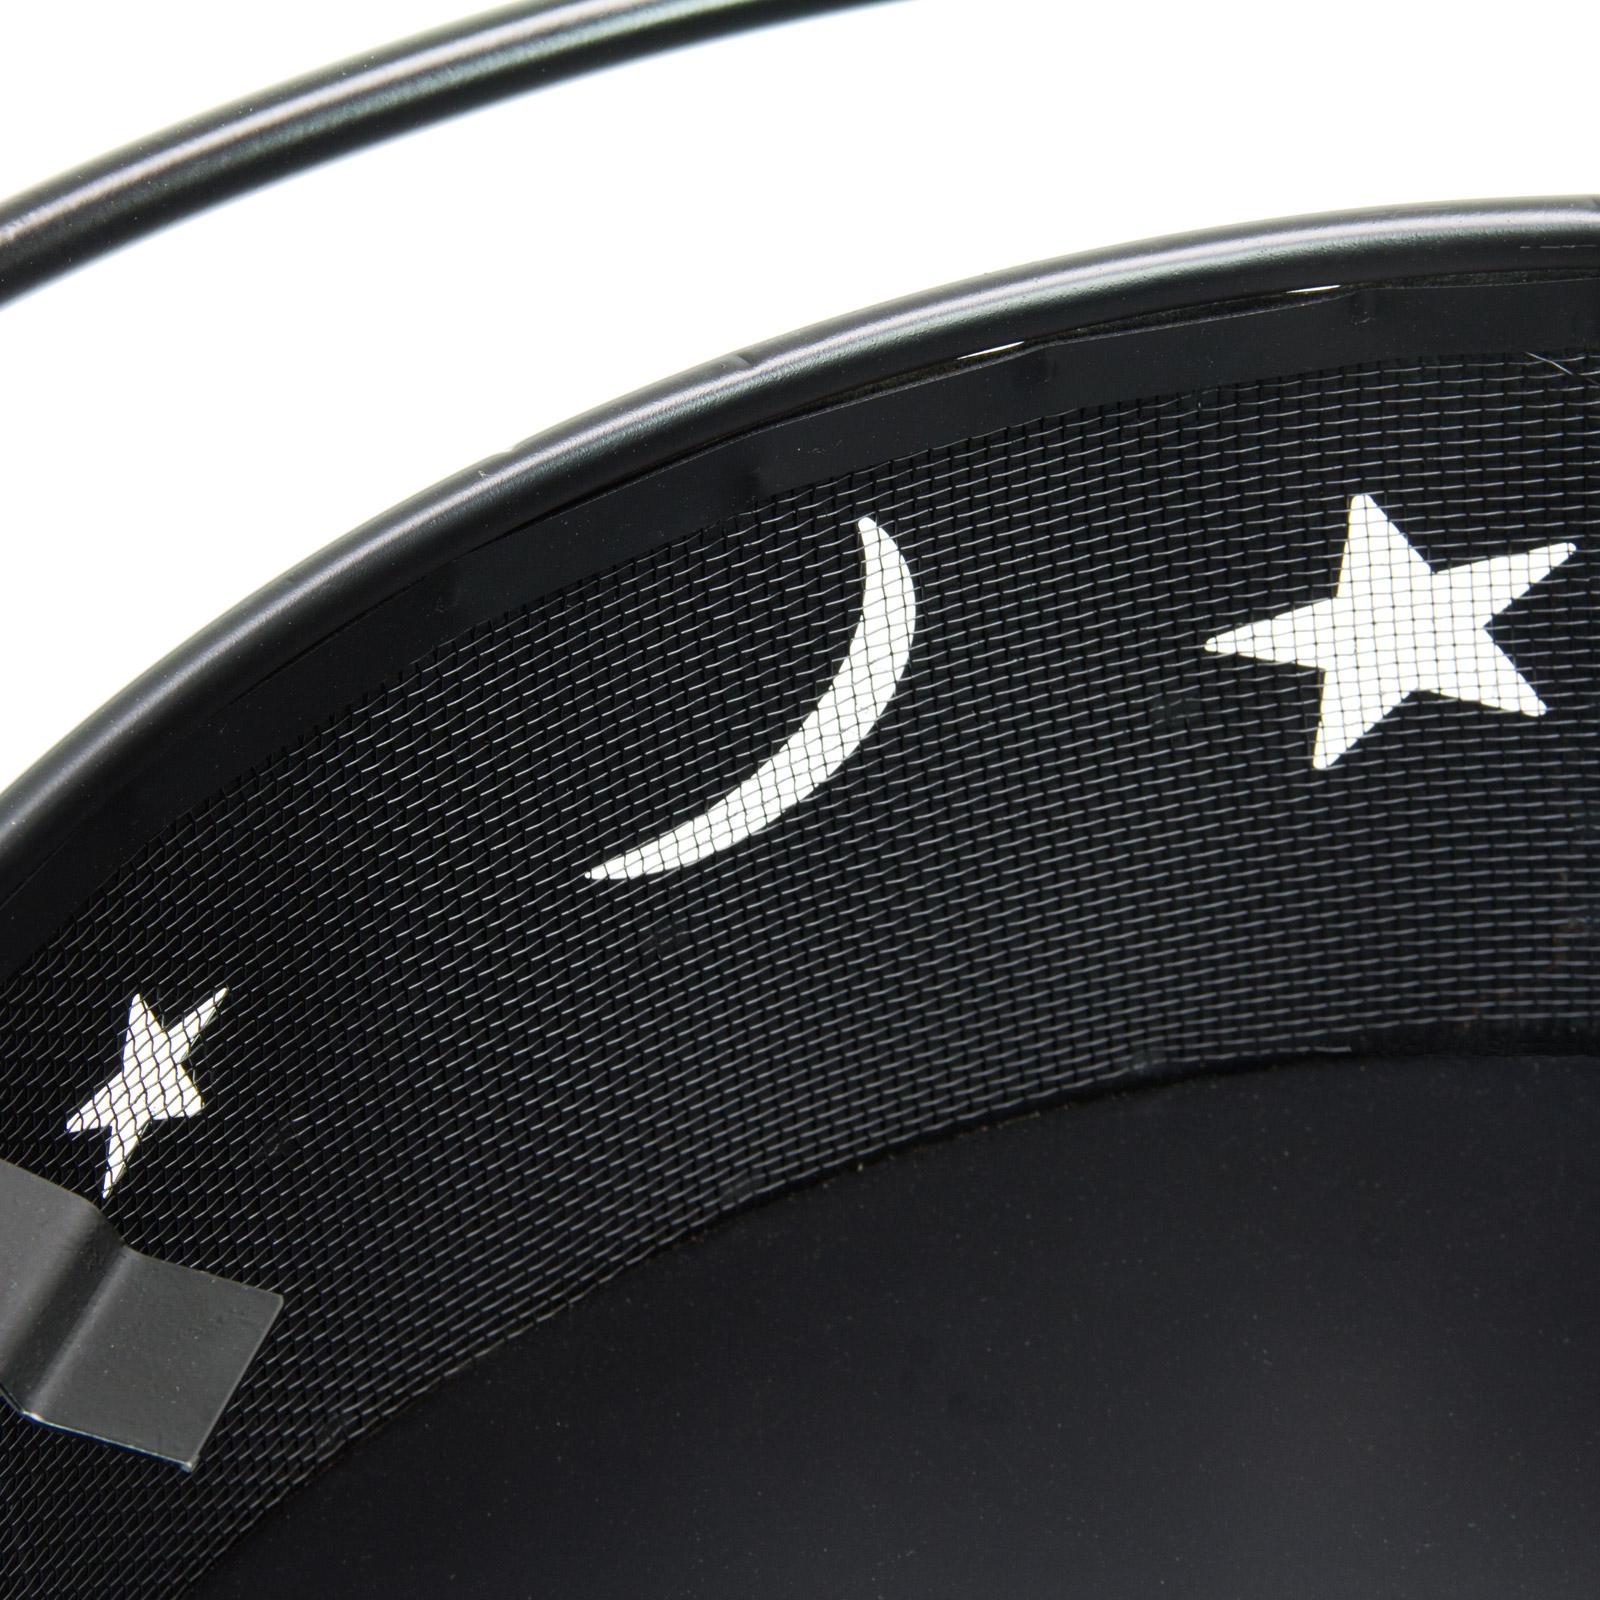 918717 grill feuerkorb feuerstelle mond und sterne ebay. Black Bedroom Furniture Sets. Home Design Ideas